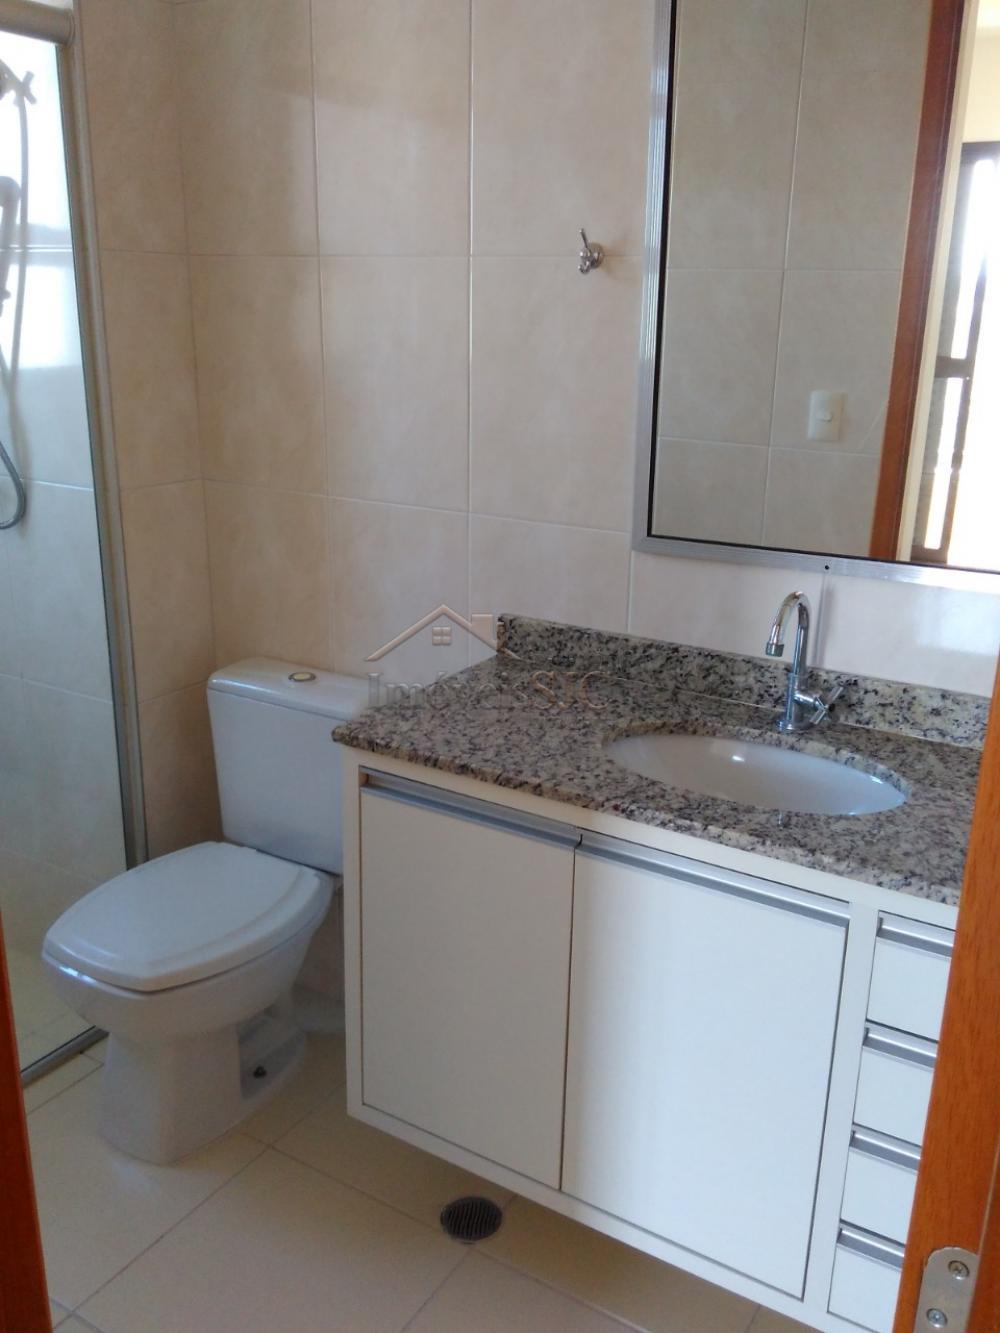 Alugar Apartamentos / Padrão em São José dos Campos apenas R$ 1.790,00 - Foto 18